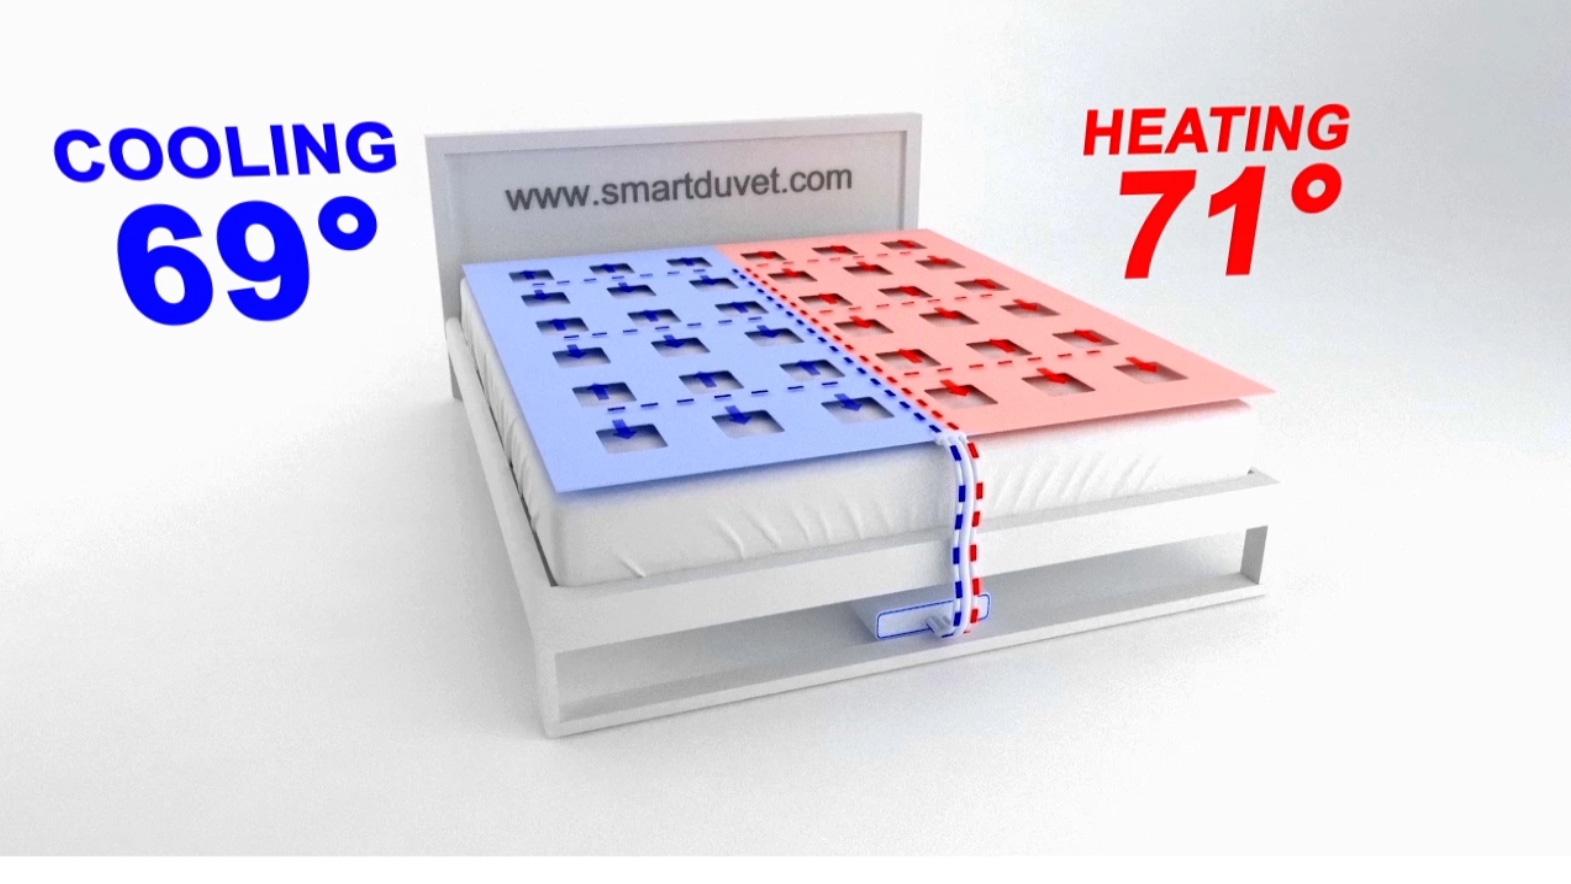 Quebec Based Smartduvet Launches Orders For Temperature